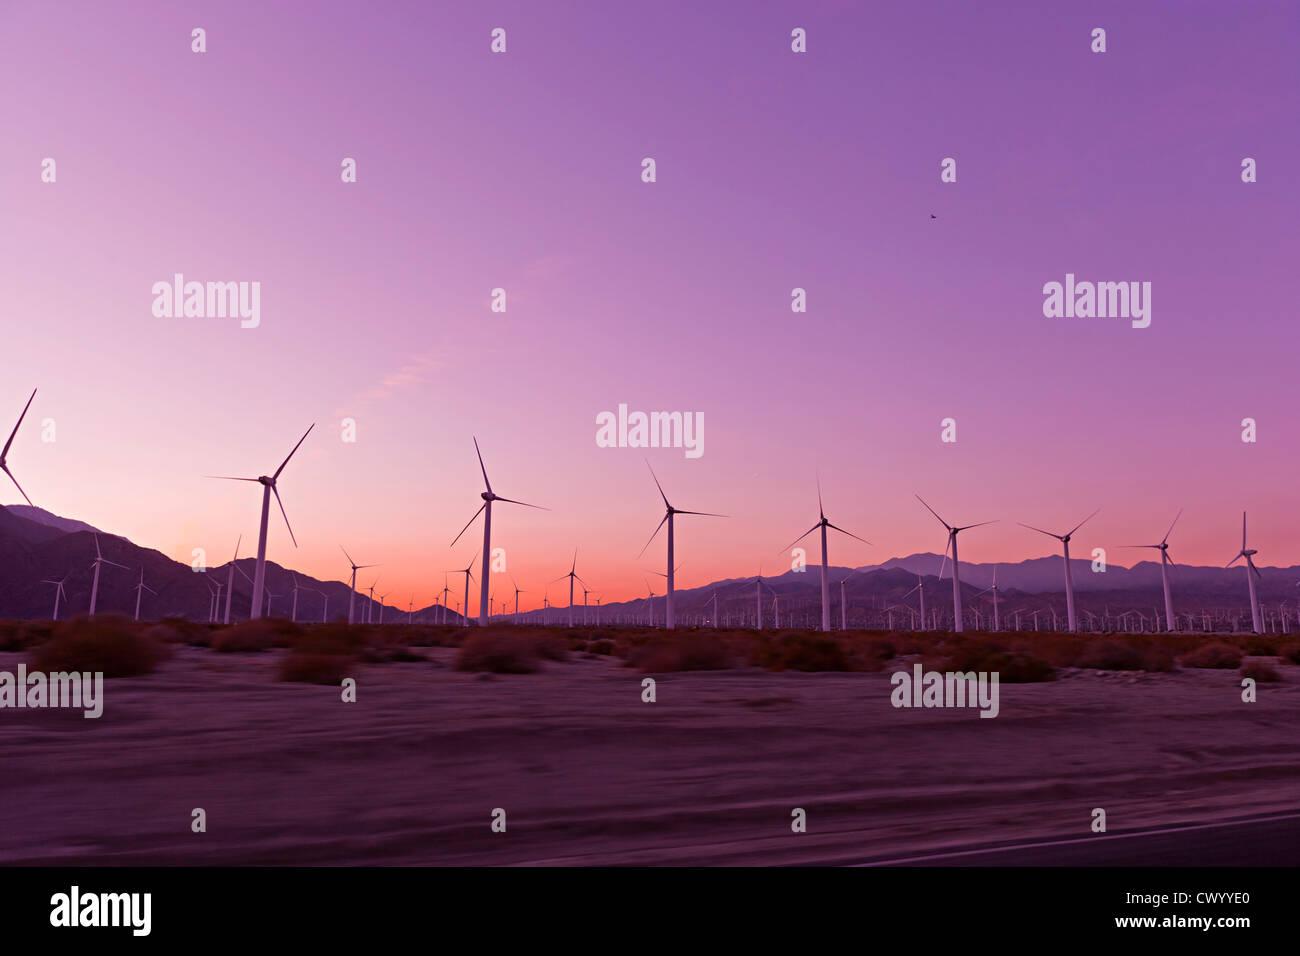 Sonnenuntergang über Windkraftanlagen in der Wüste Palm springs, USA Stockbild